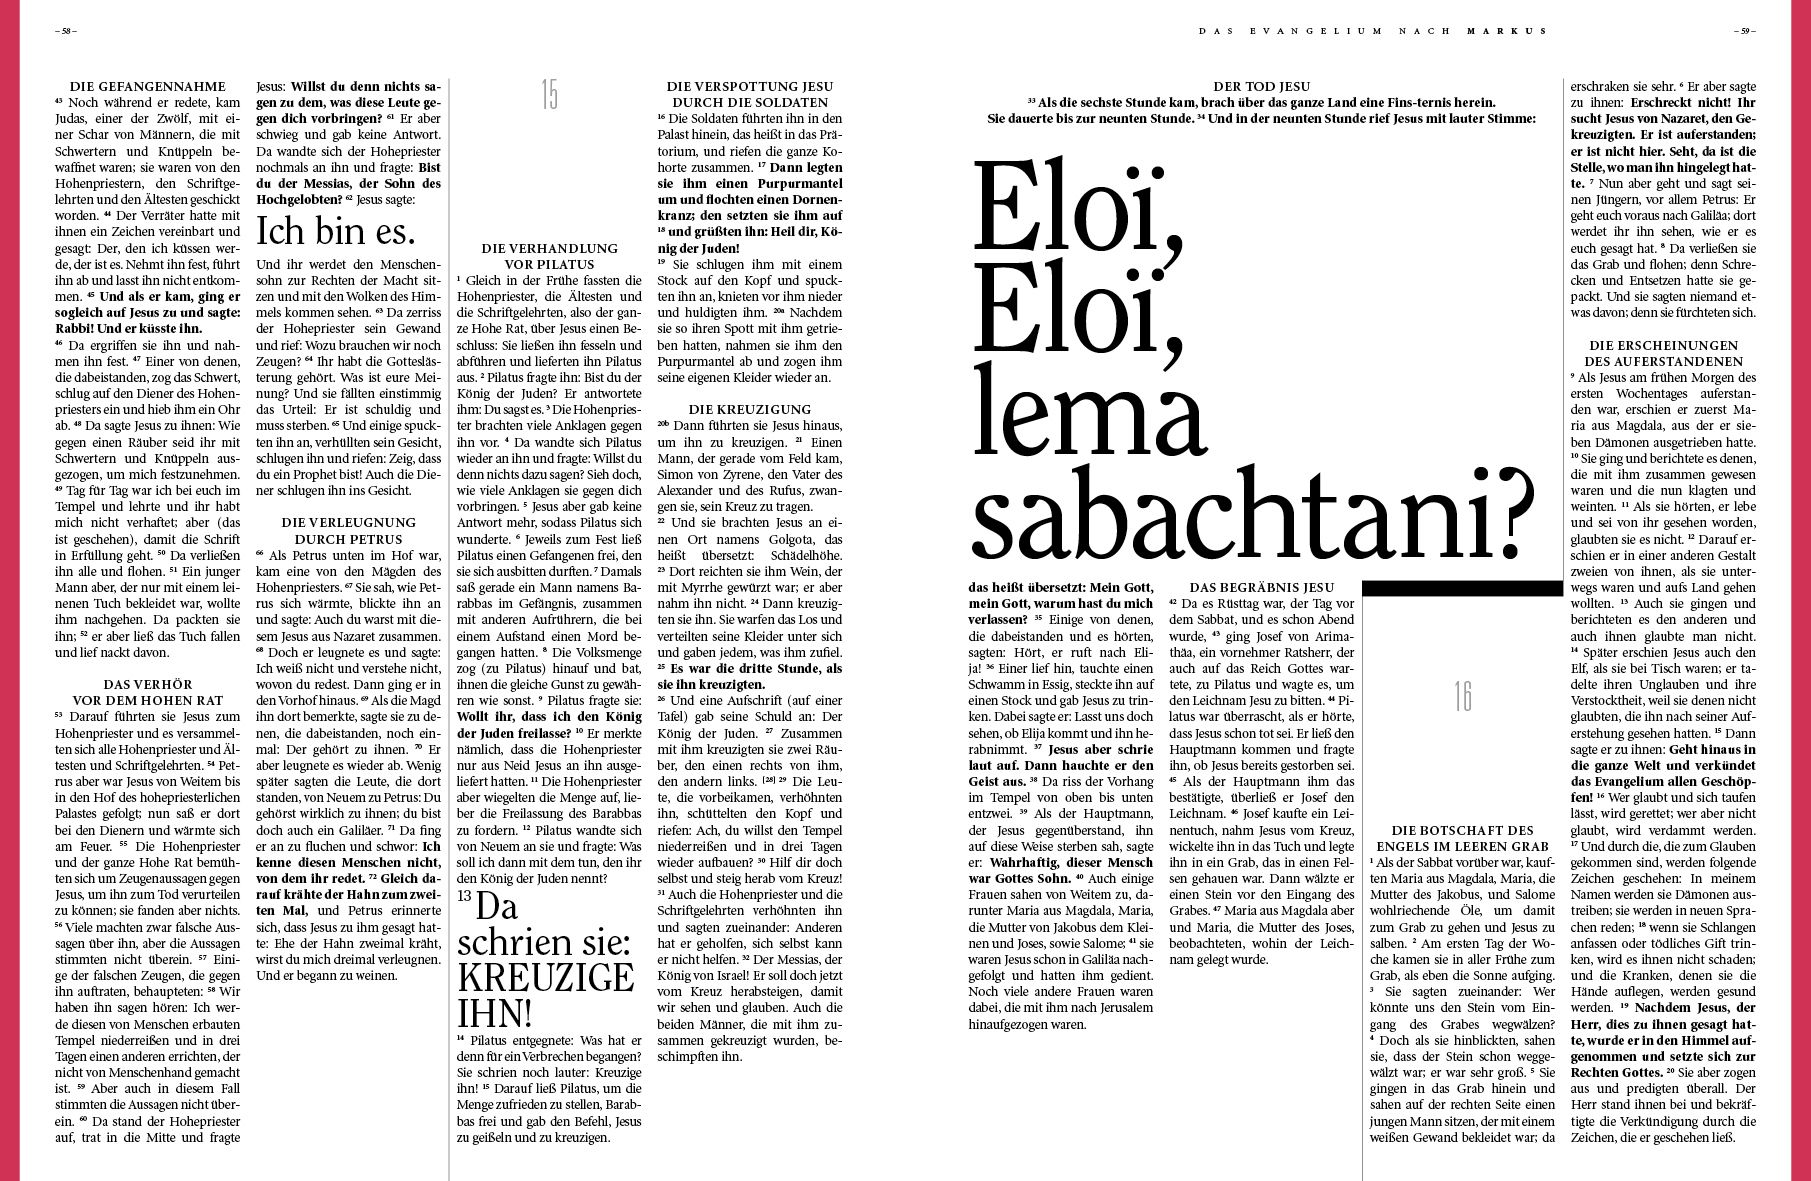 www.bibelalsmagazin.de / Lesbares, aufgeräumtes Design. Das Neue Testament als Magazin / german; Einheitsübersetzung / Bibel / Design / bible Super geeignet als Geschenk €9,20